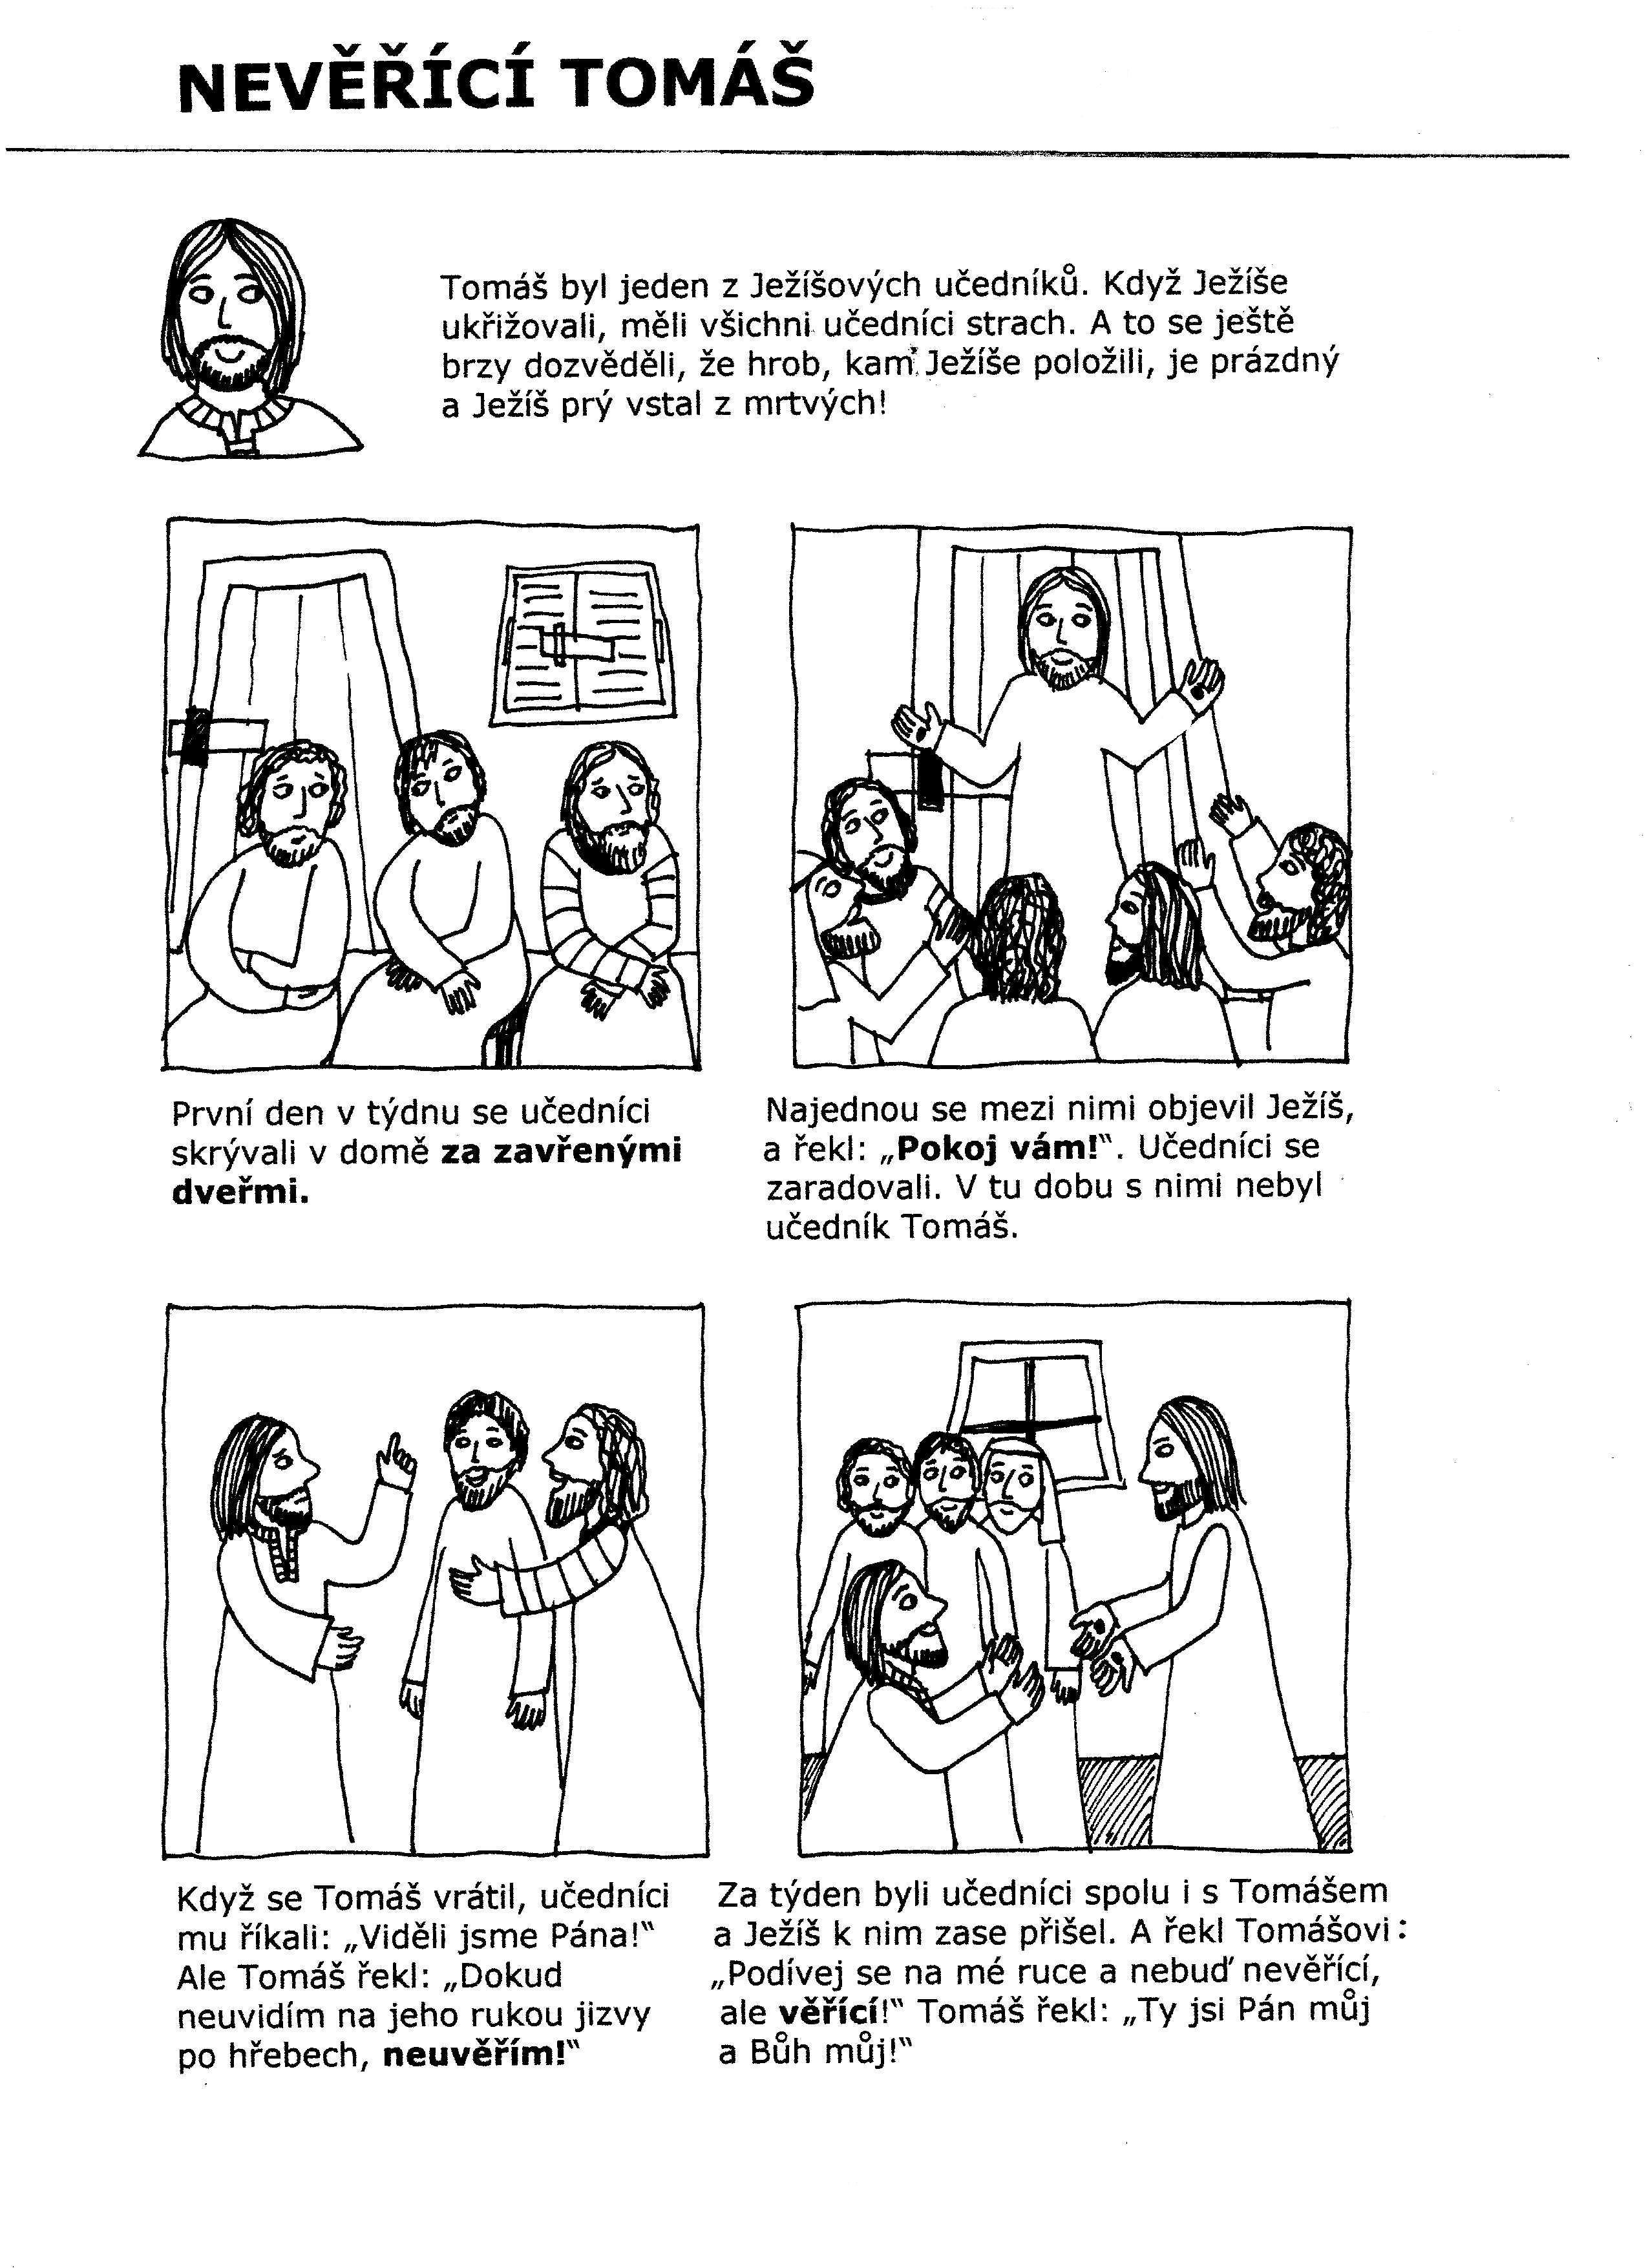 Nevěřící Tomáš - příběh k přečtení i vybarvení